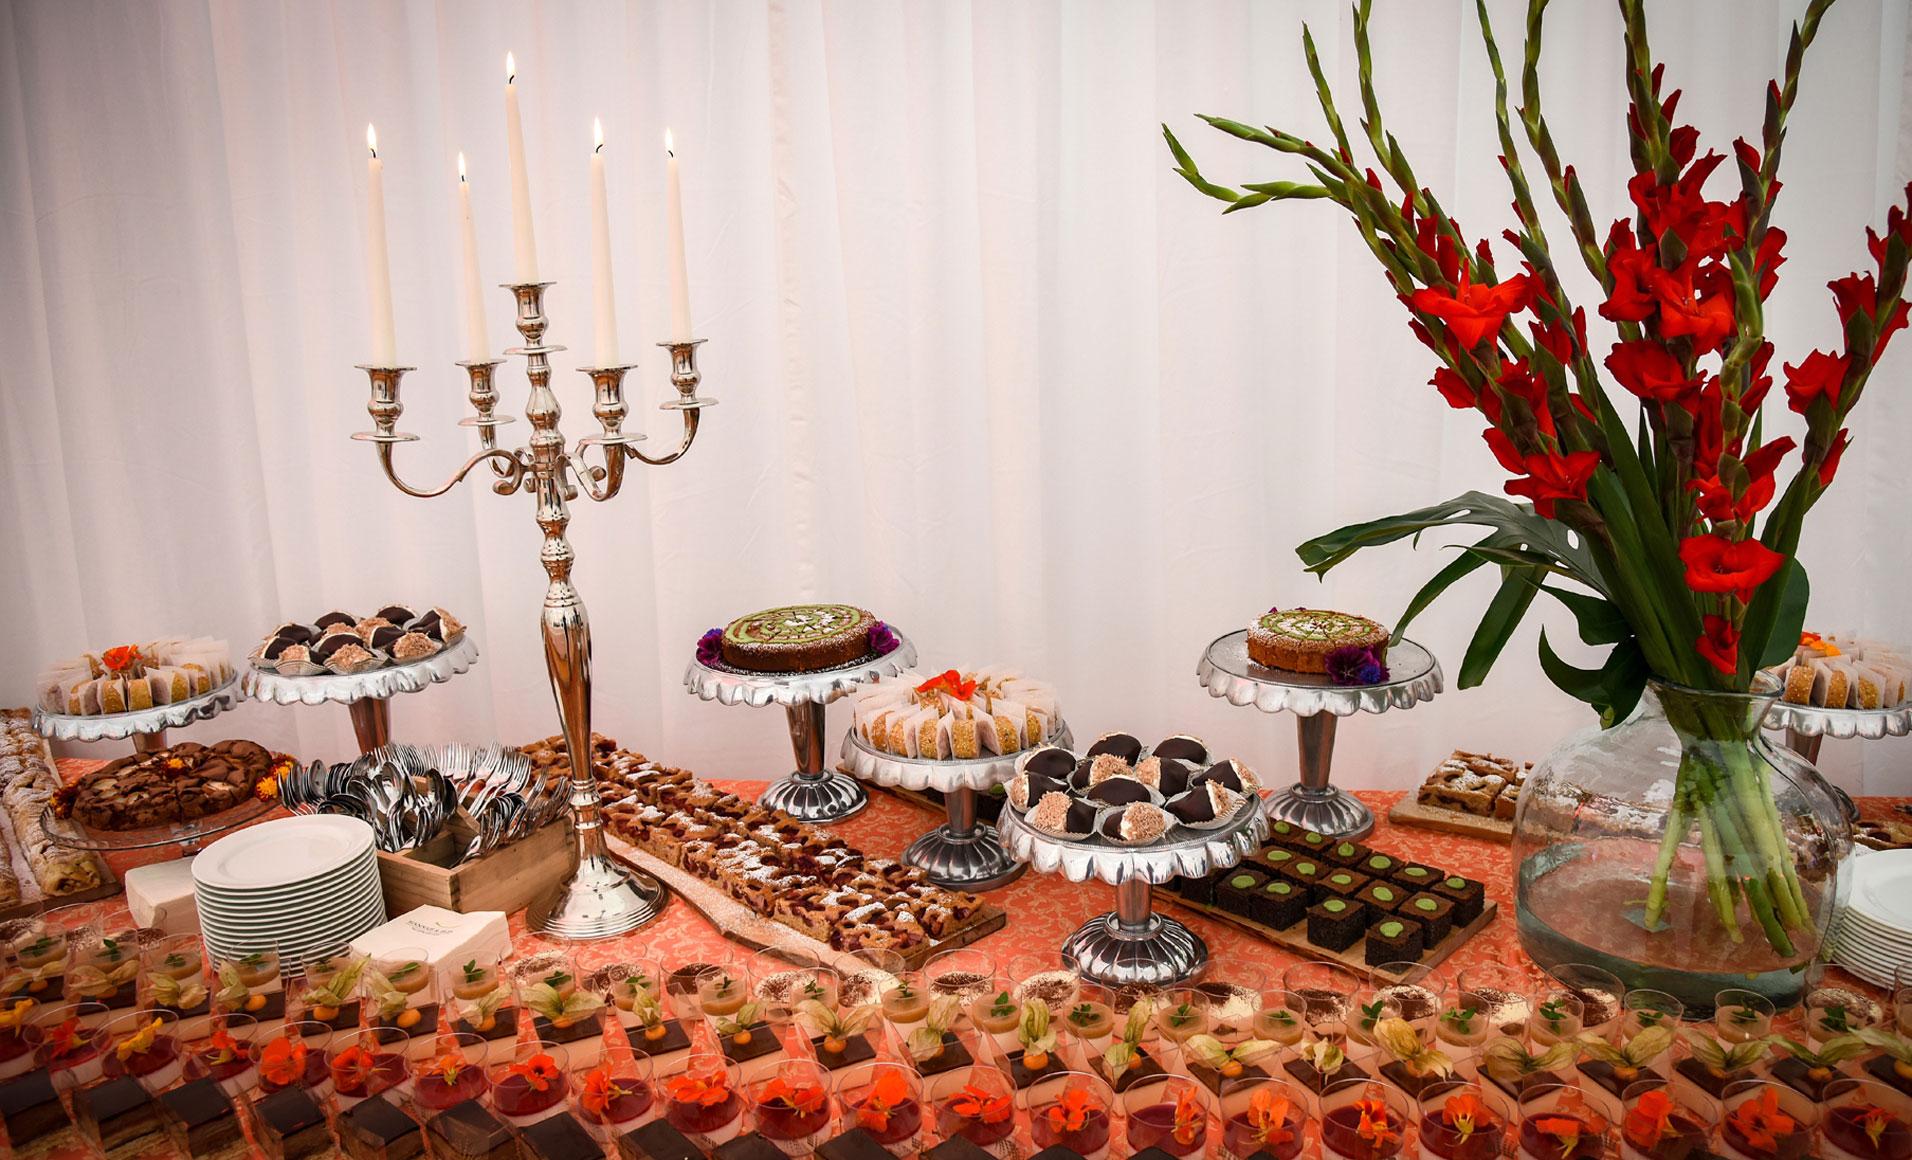 Buffet Di Dolci Di Natale : Organizzare un buffet ed uscirne vivi mamme in cucina e dintorni